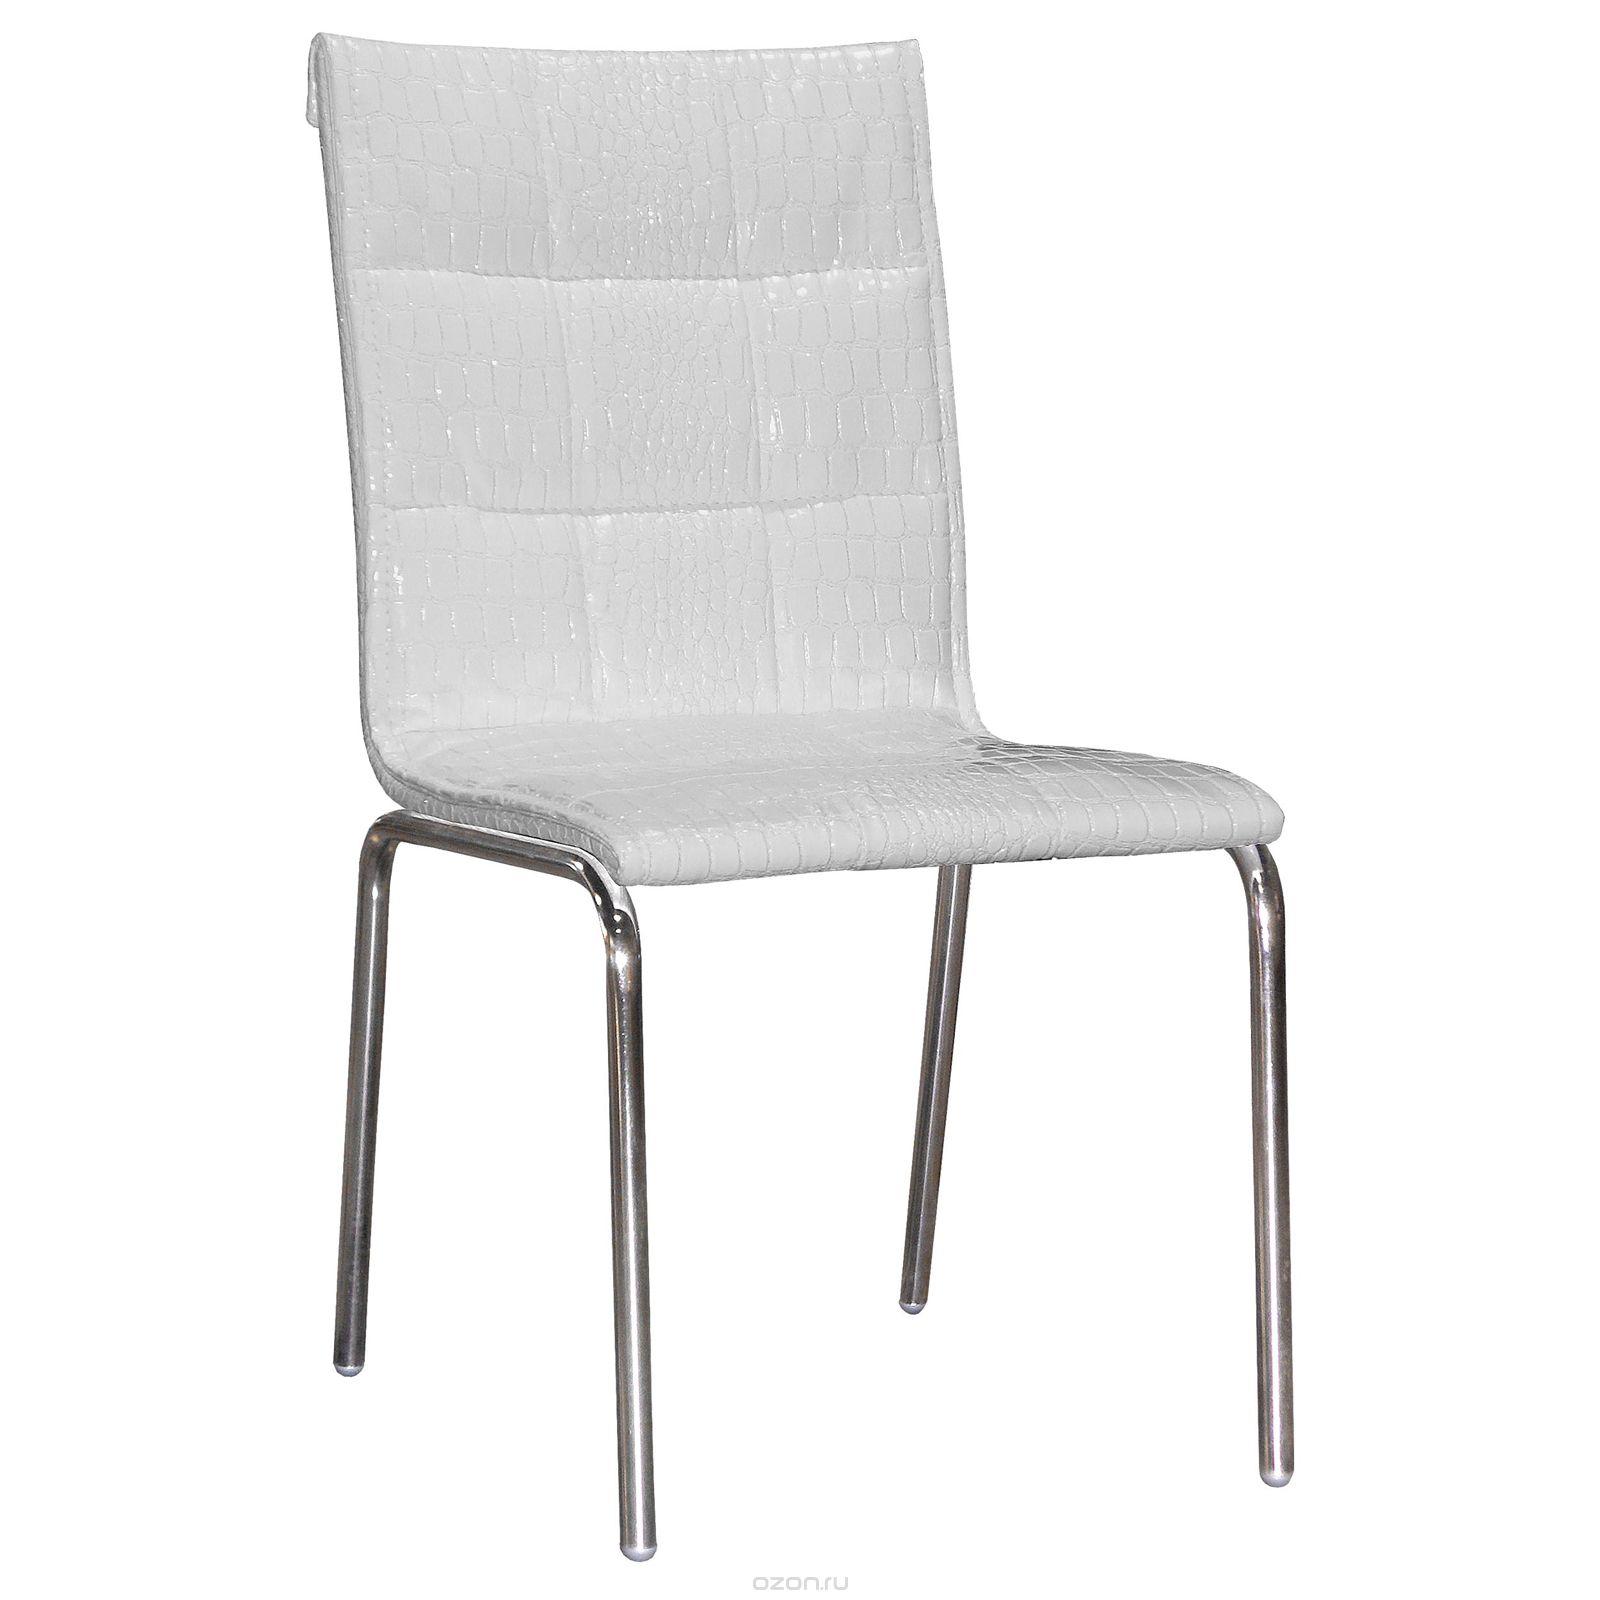 Кухонный стул ДИК 15685681 от mebel-top.ru